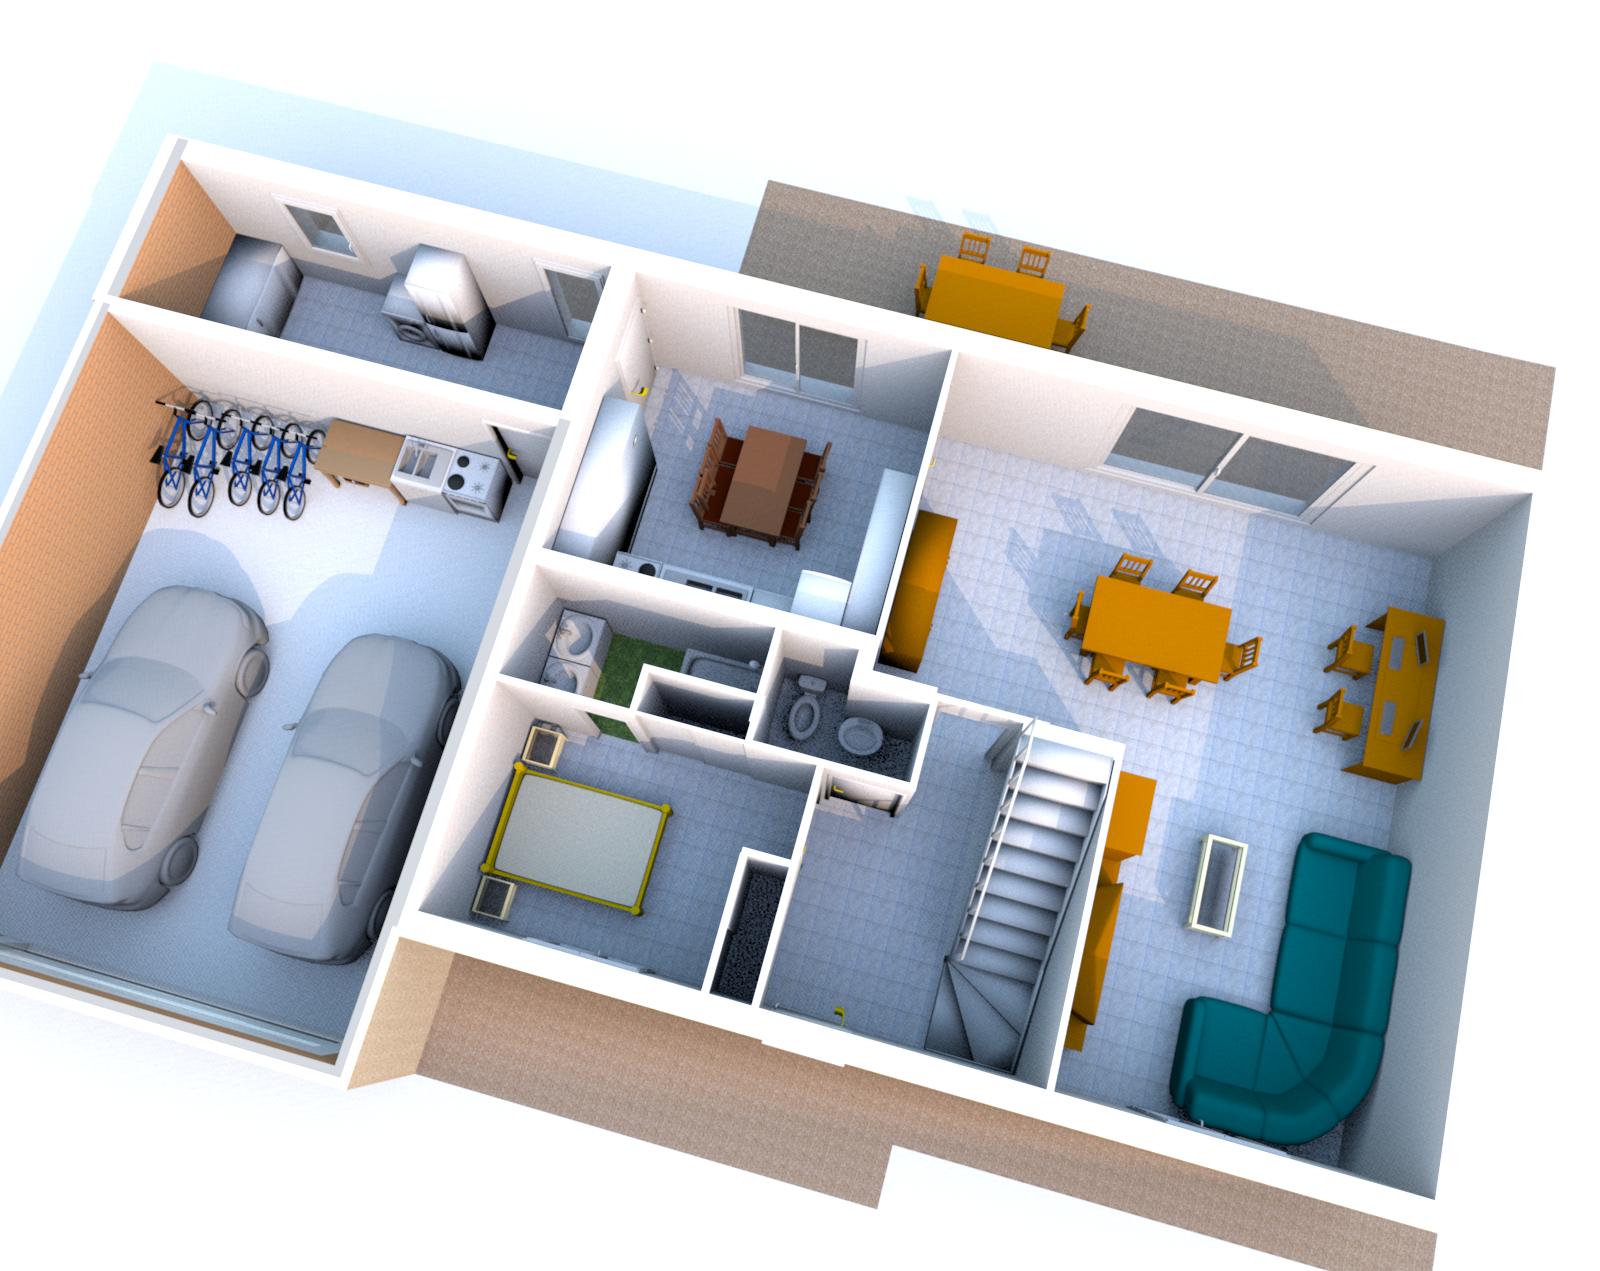 Un Dessiner Plan De Maison En 3d Gratuit L 39 Impression 3d